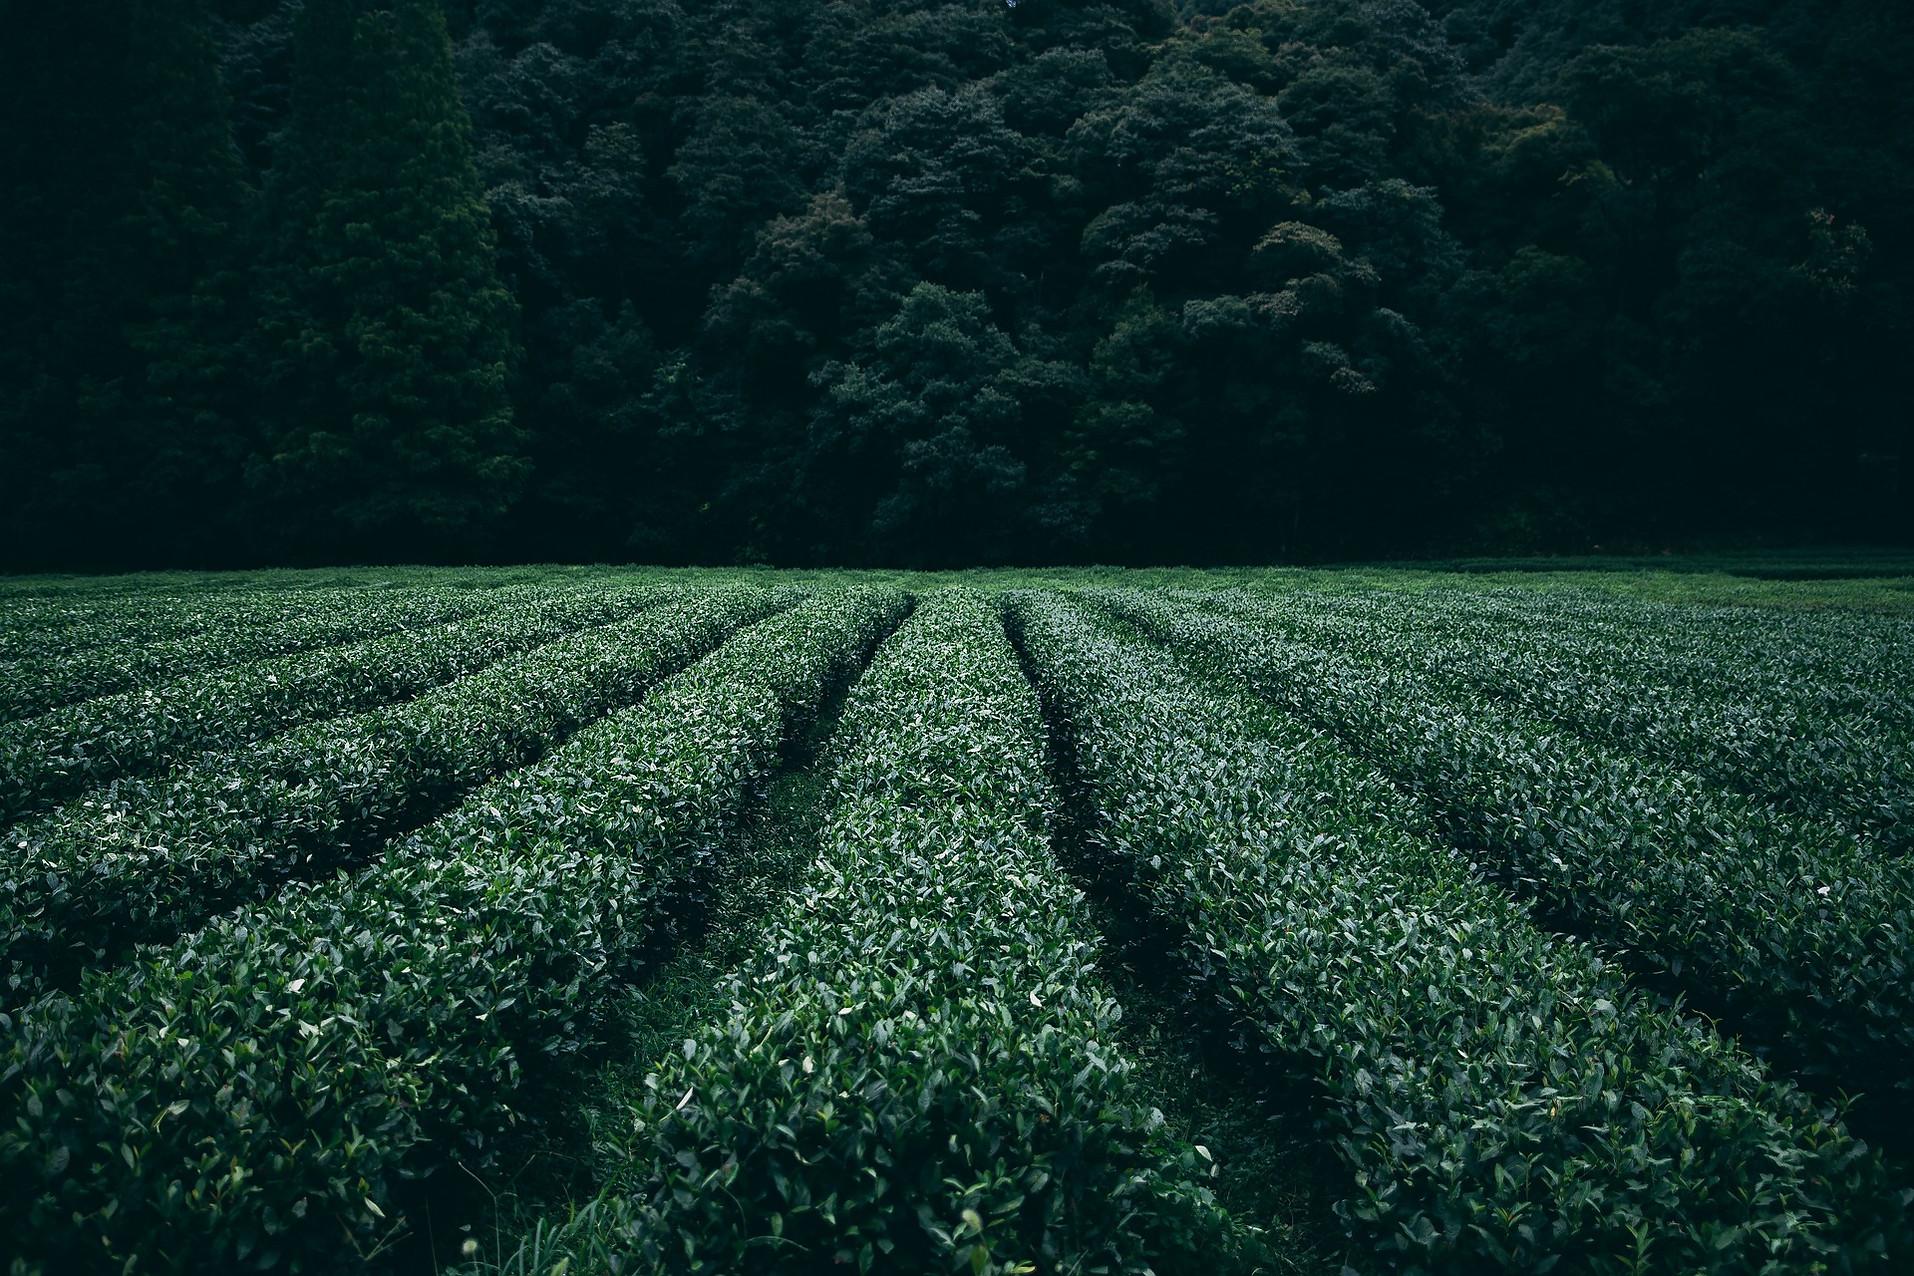 plantation-945400_1920.jpg